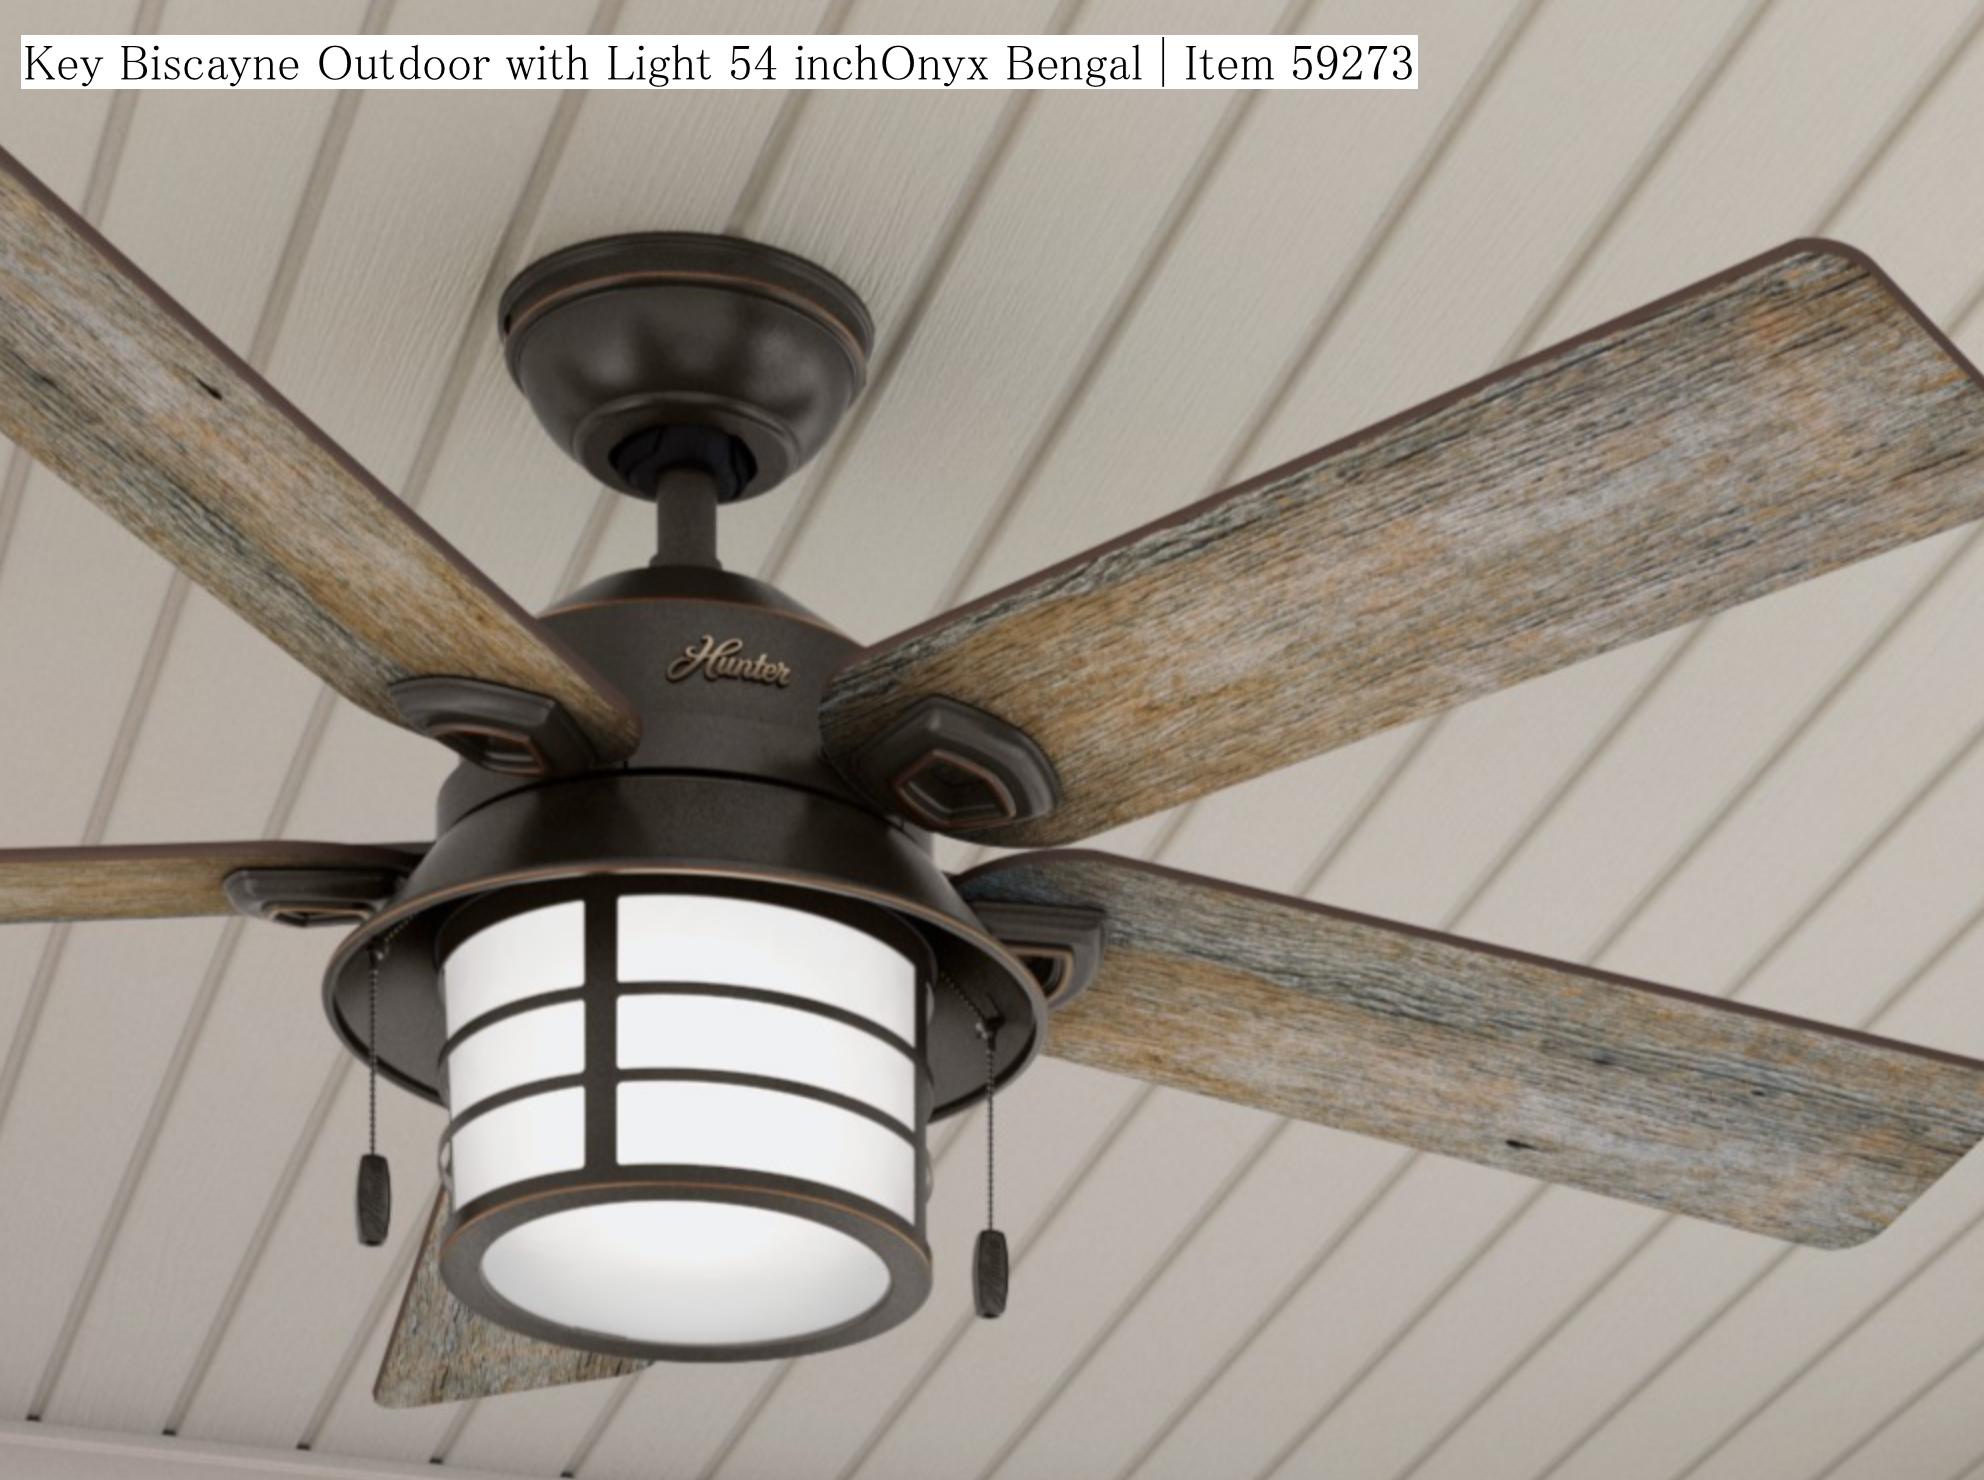 シーリングファンは 空気の循環をすることで室内の温度差を解消する